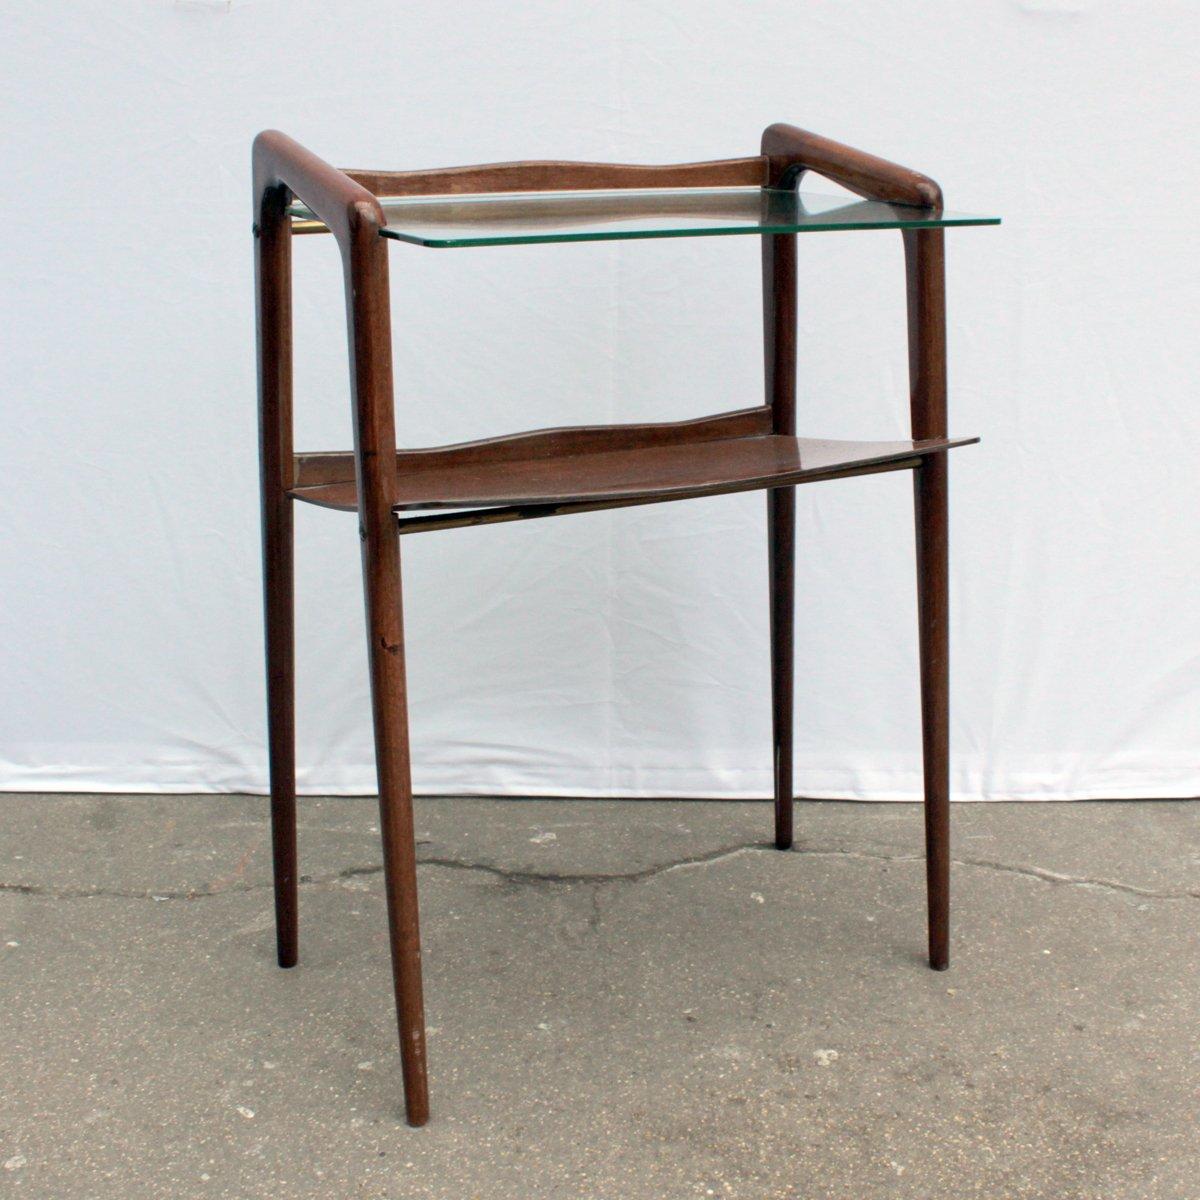 Mid-Century Beistelltisch aus Holz & Glas bei Pamono kaufen